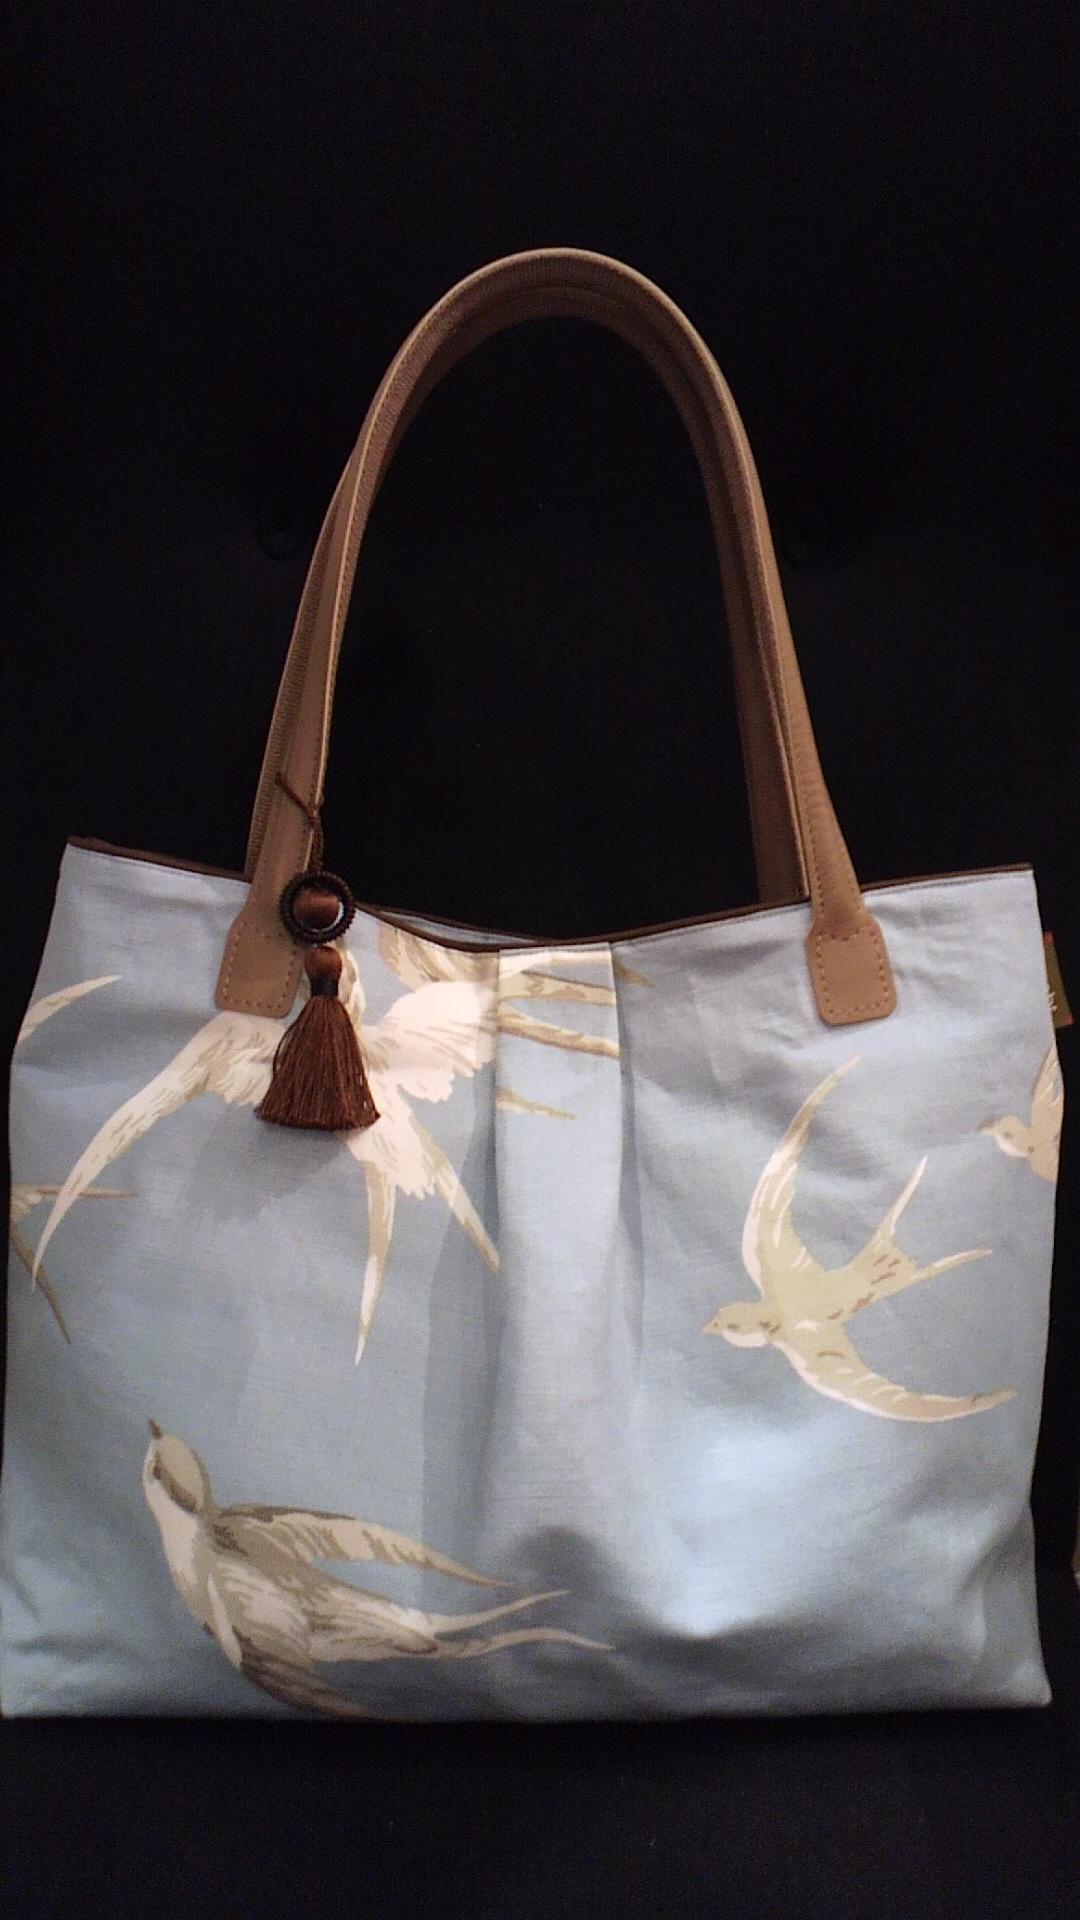 つばめ柄の布バッグ『サンダーソン』_c0157866_138712.jpg